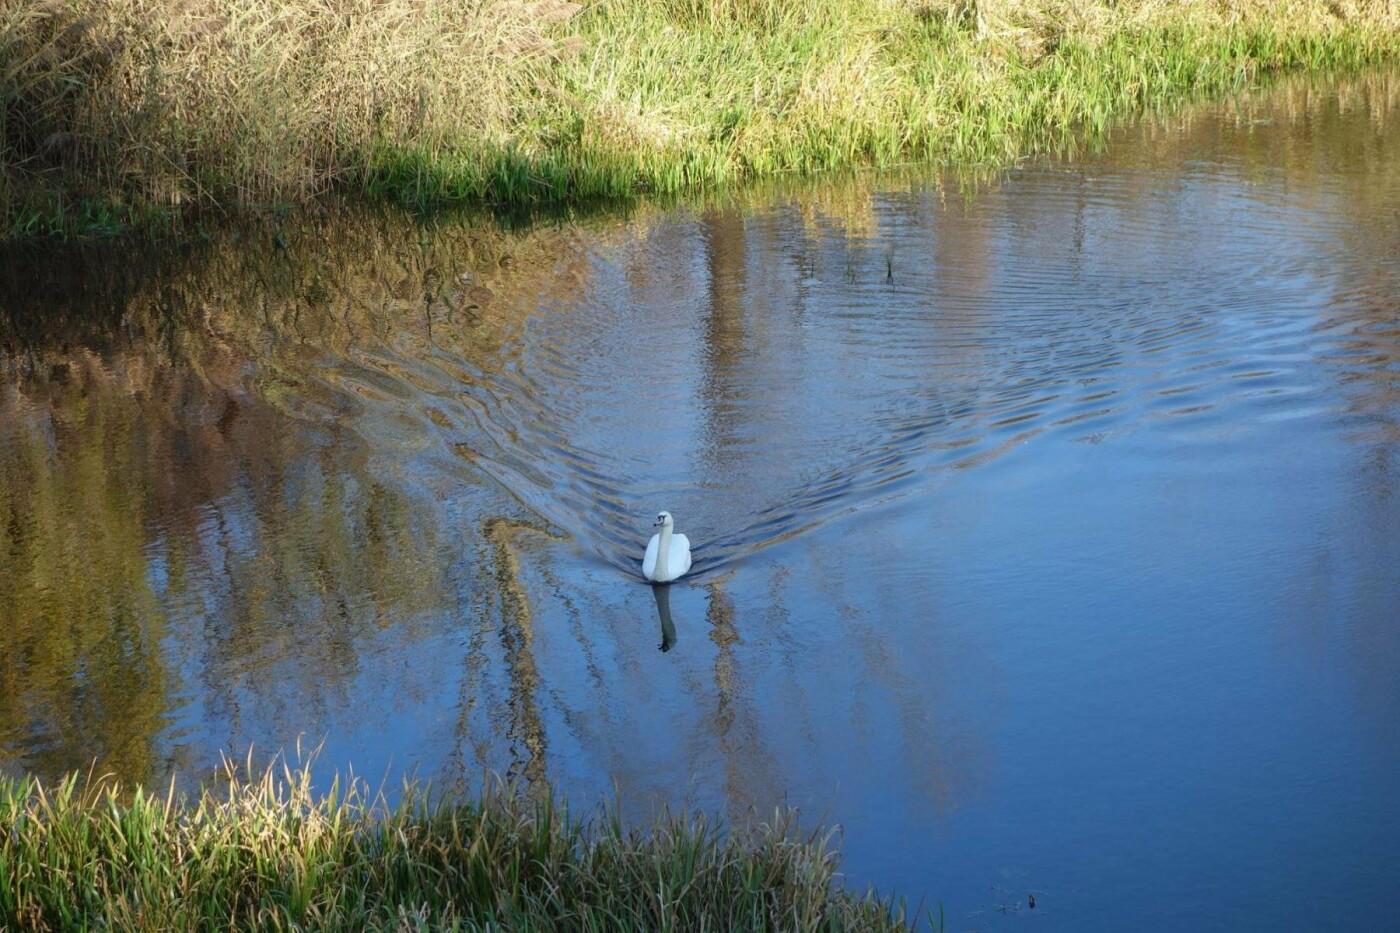 В Изяслав за птицей: Киевская команда спасения животных спасла лебедя, фото-5